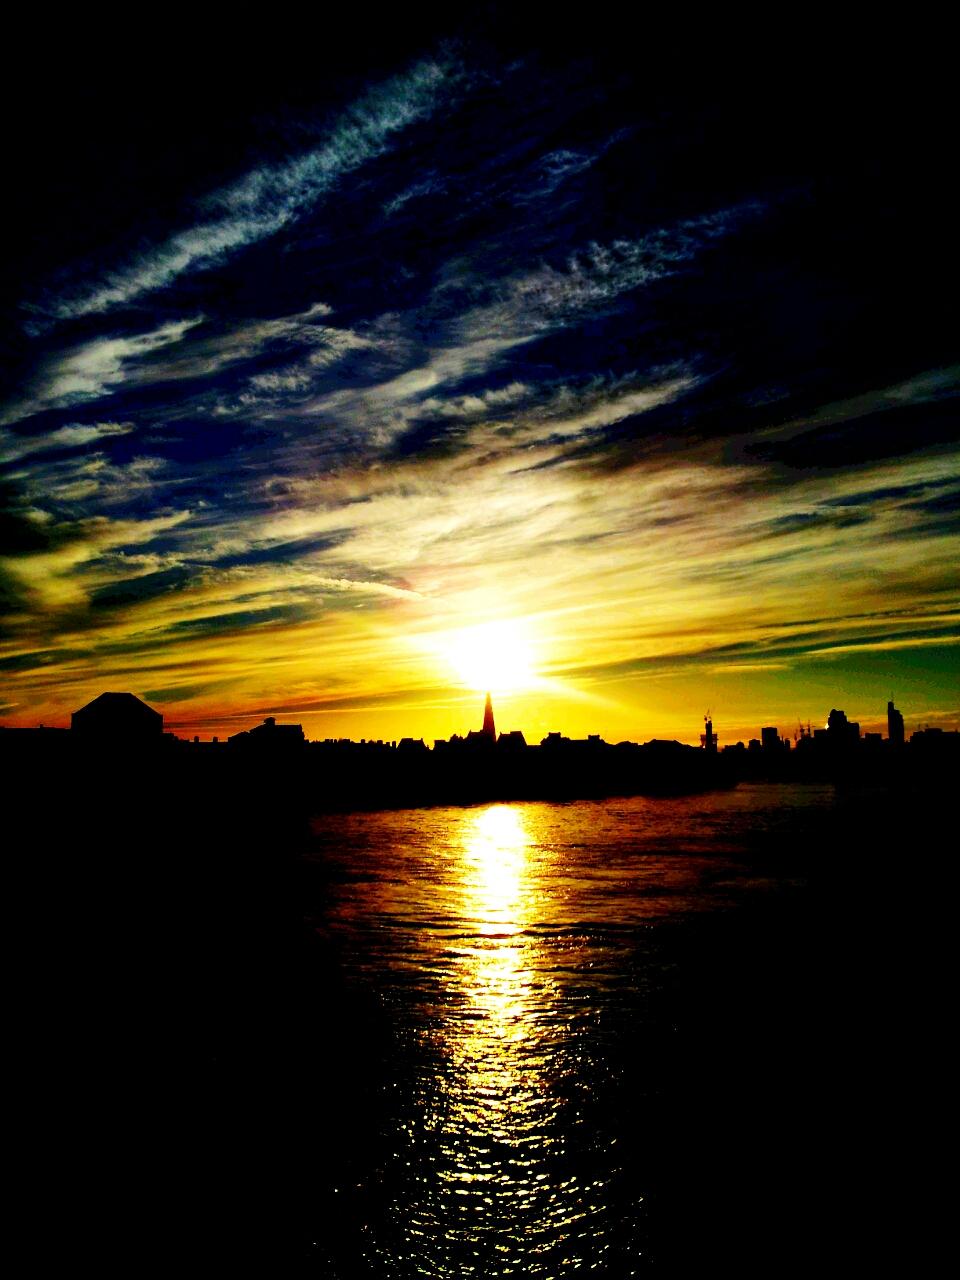 Saurons eye over the Thames